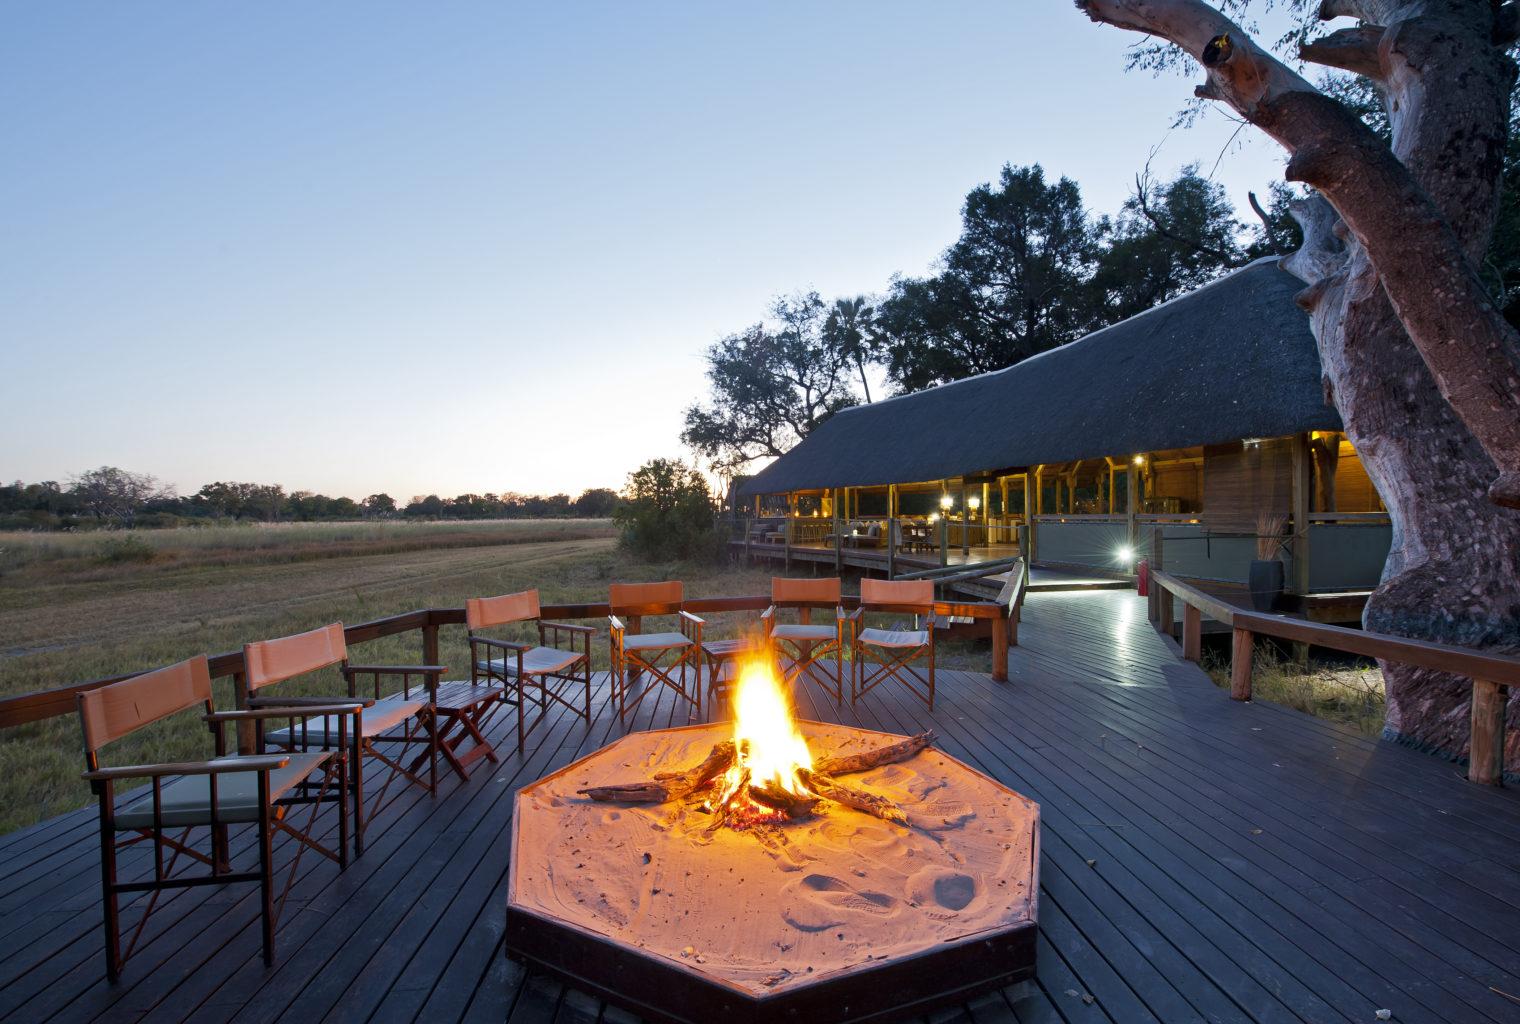 Chitabe Ledibe Camp Botswana Fire Pit